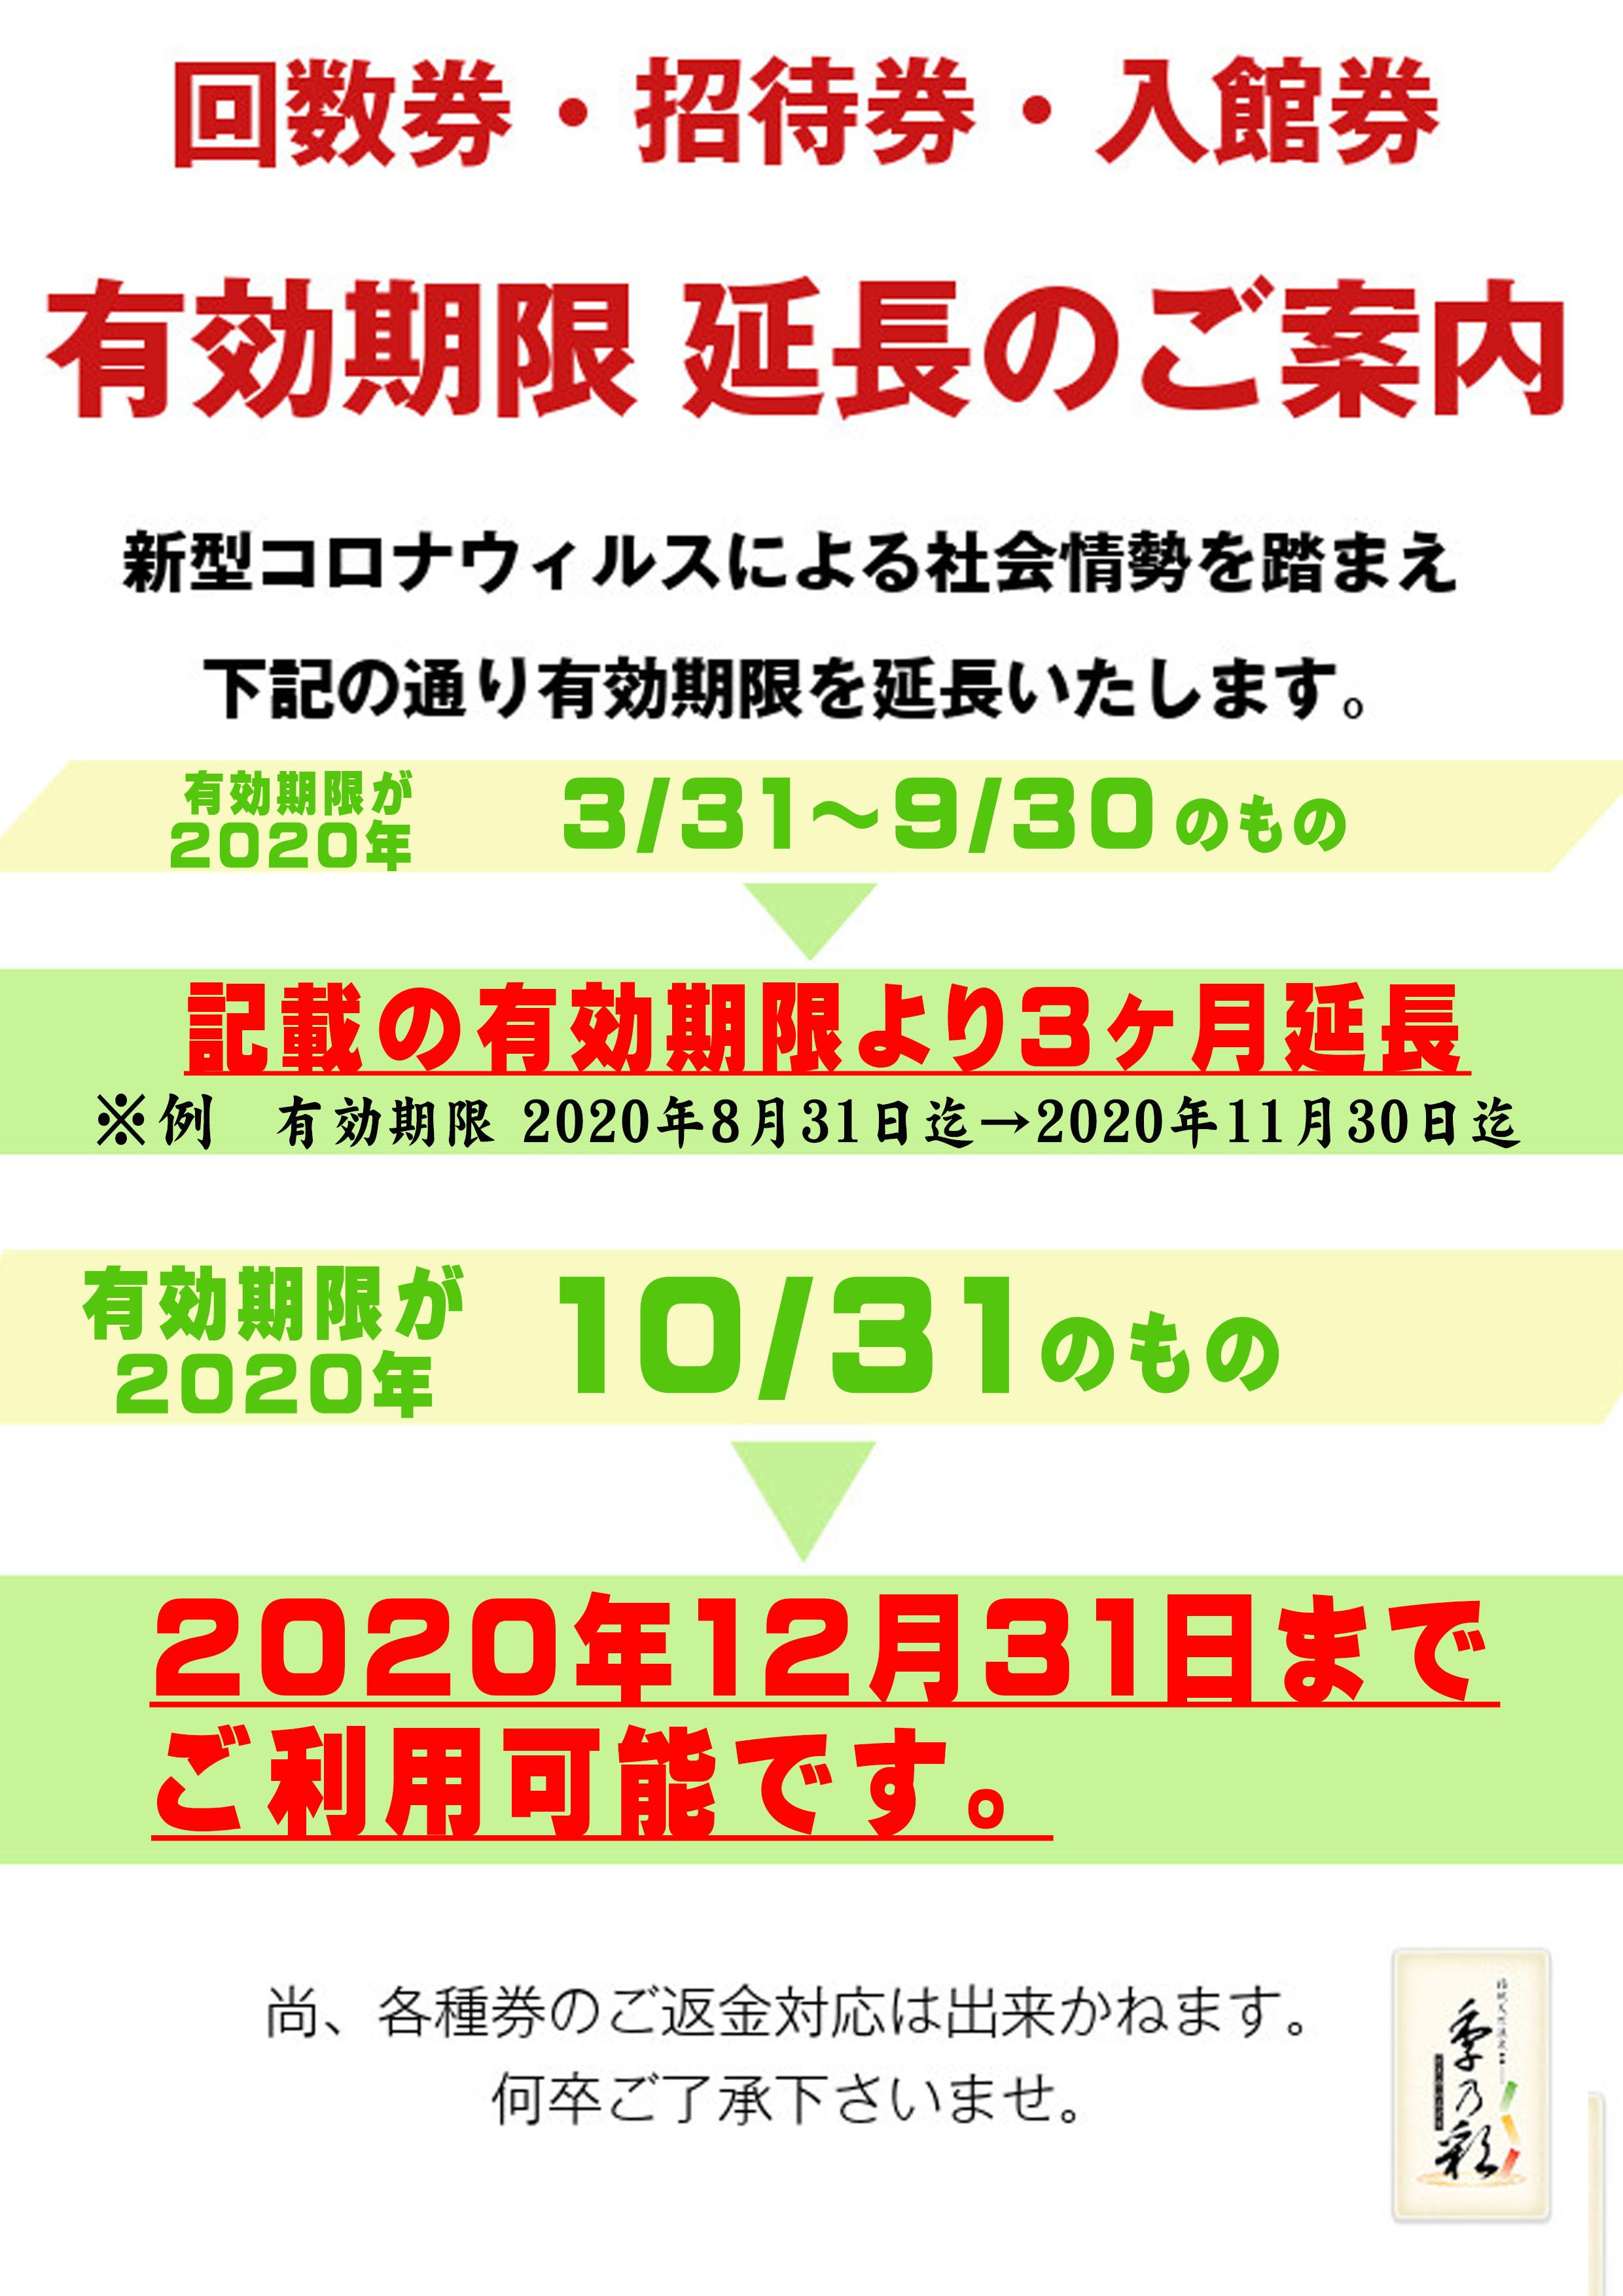 回数券有効期限延長(3ヶ月延長)202010